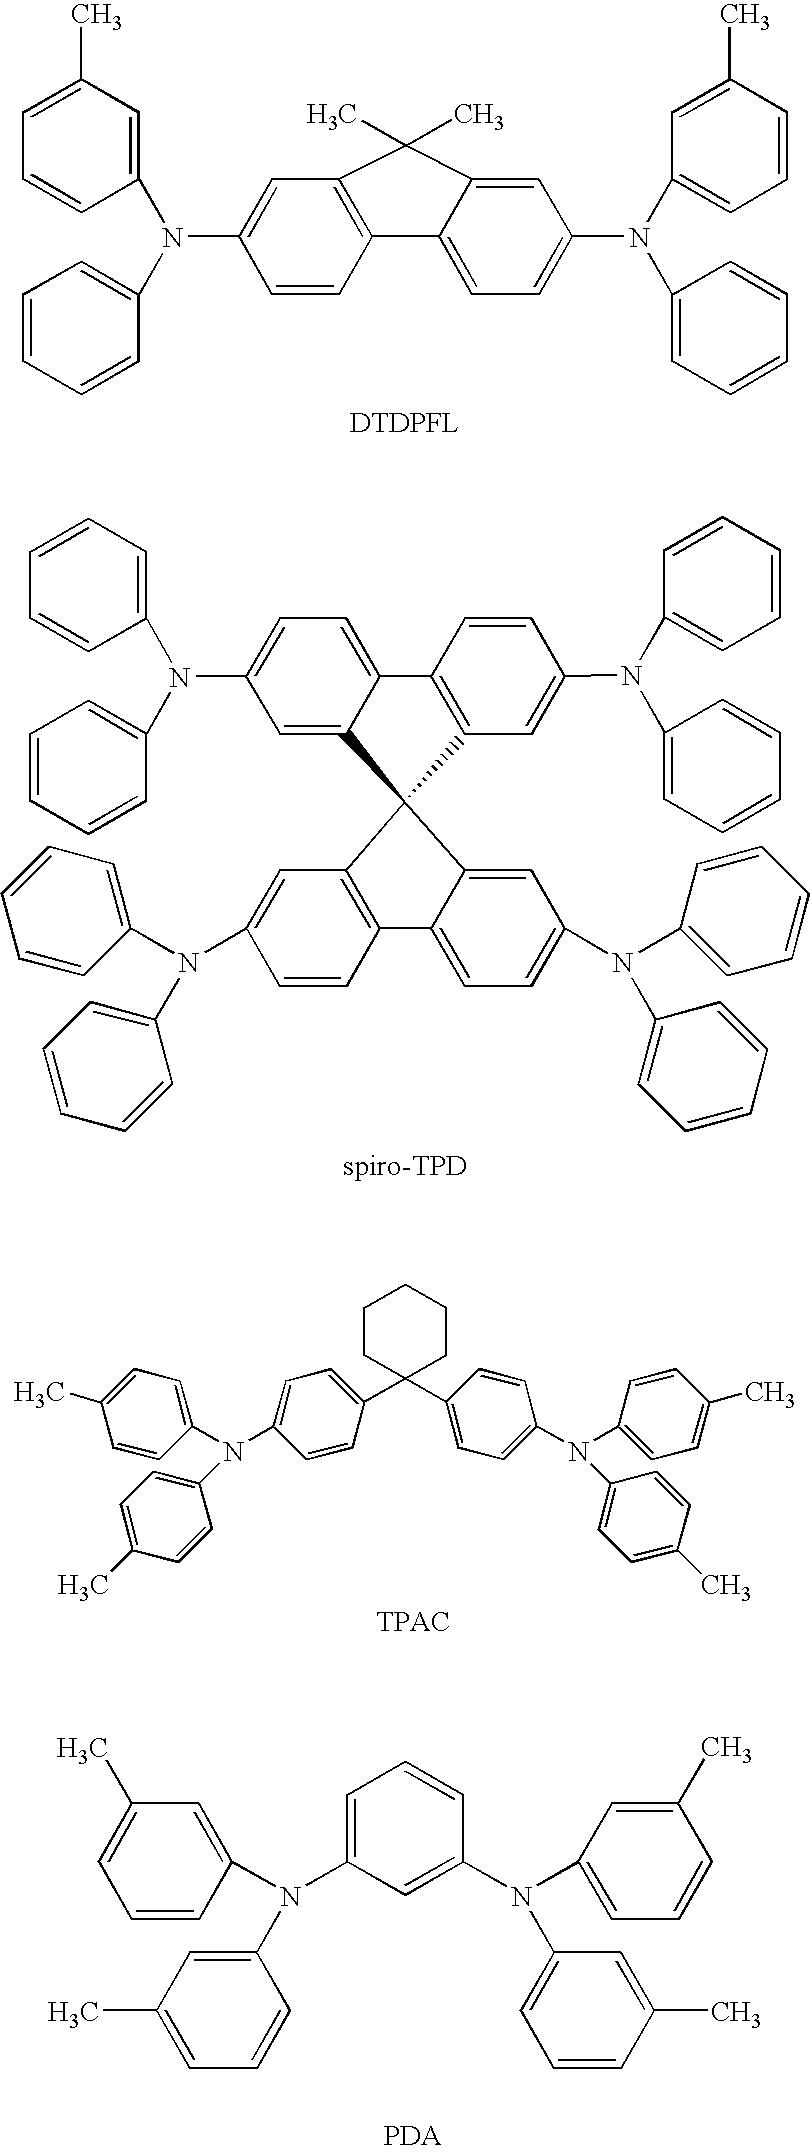 Figure US20060068221A1-20060330-C00359